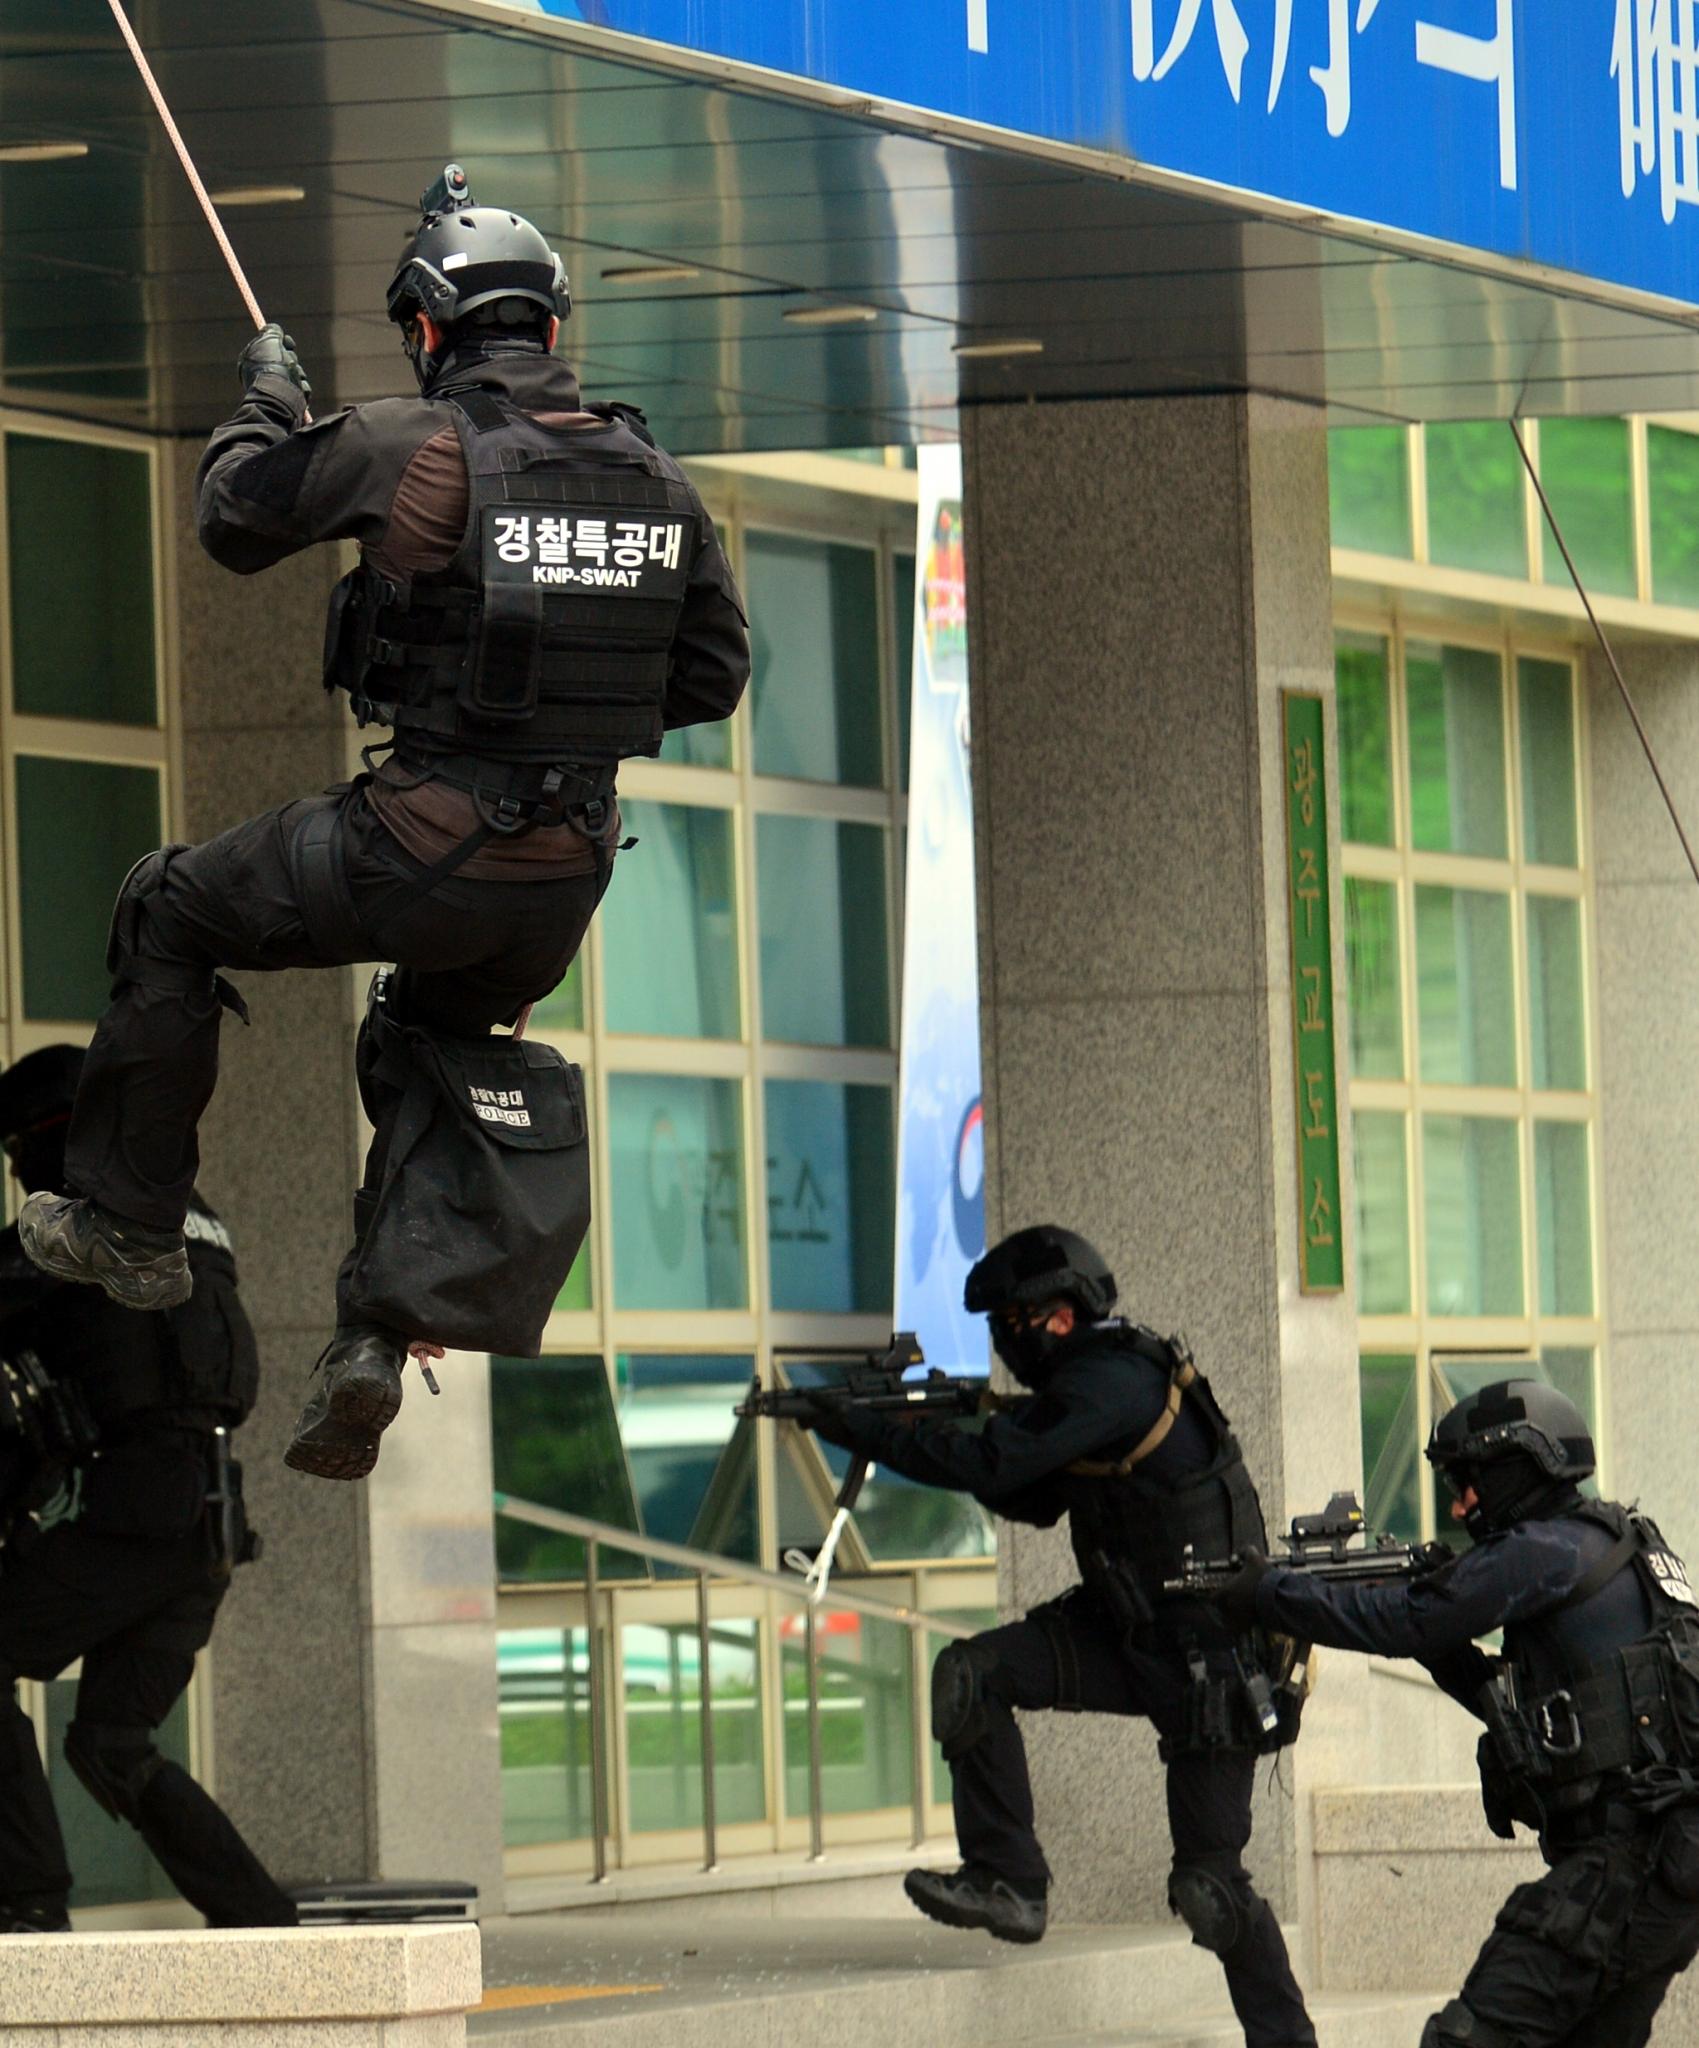 광주교도소. 24일 광주 북구 광주교도소에서 재소자 탈출을 목적으로 교도소에 침투한 적들을 제압하는 을지훈련이 펼쳐졌다. /사진=뉴시스